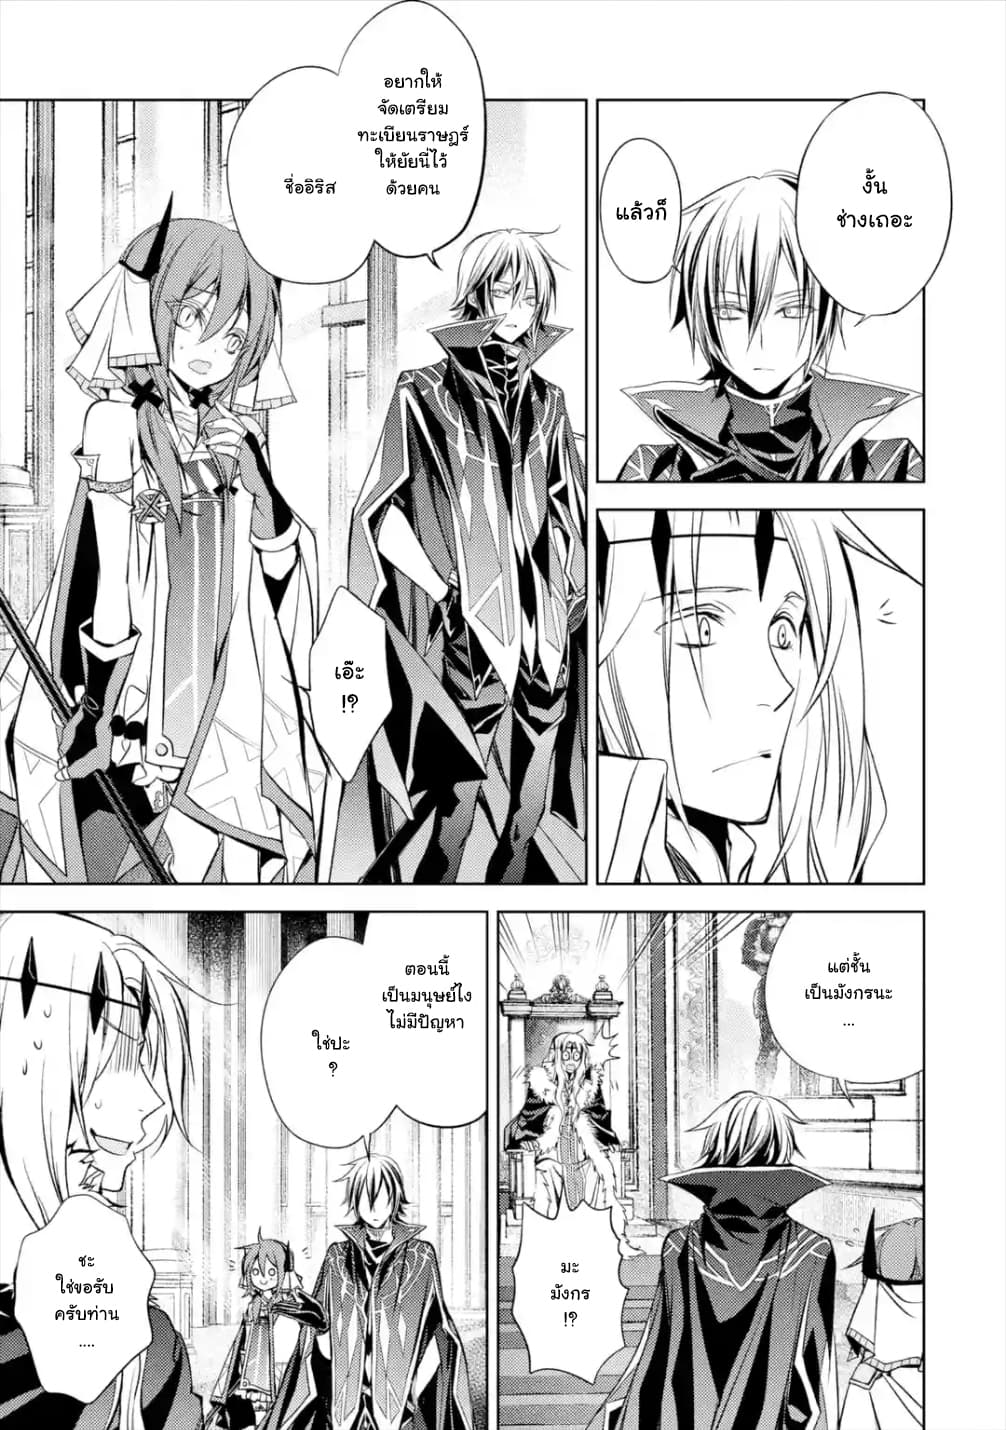 อ่านการ์ตูน Senmetsumadou no Saikyokenja ตอนที่ 5.1 หน้าที่ 11